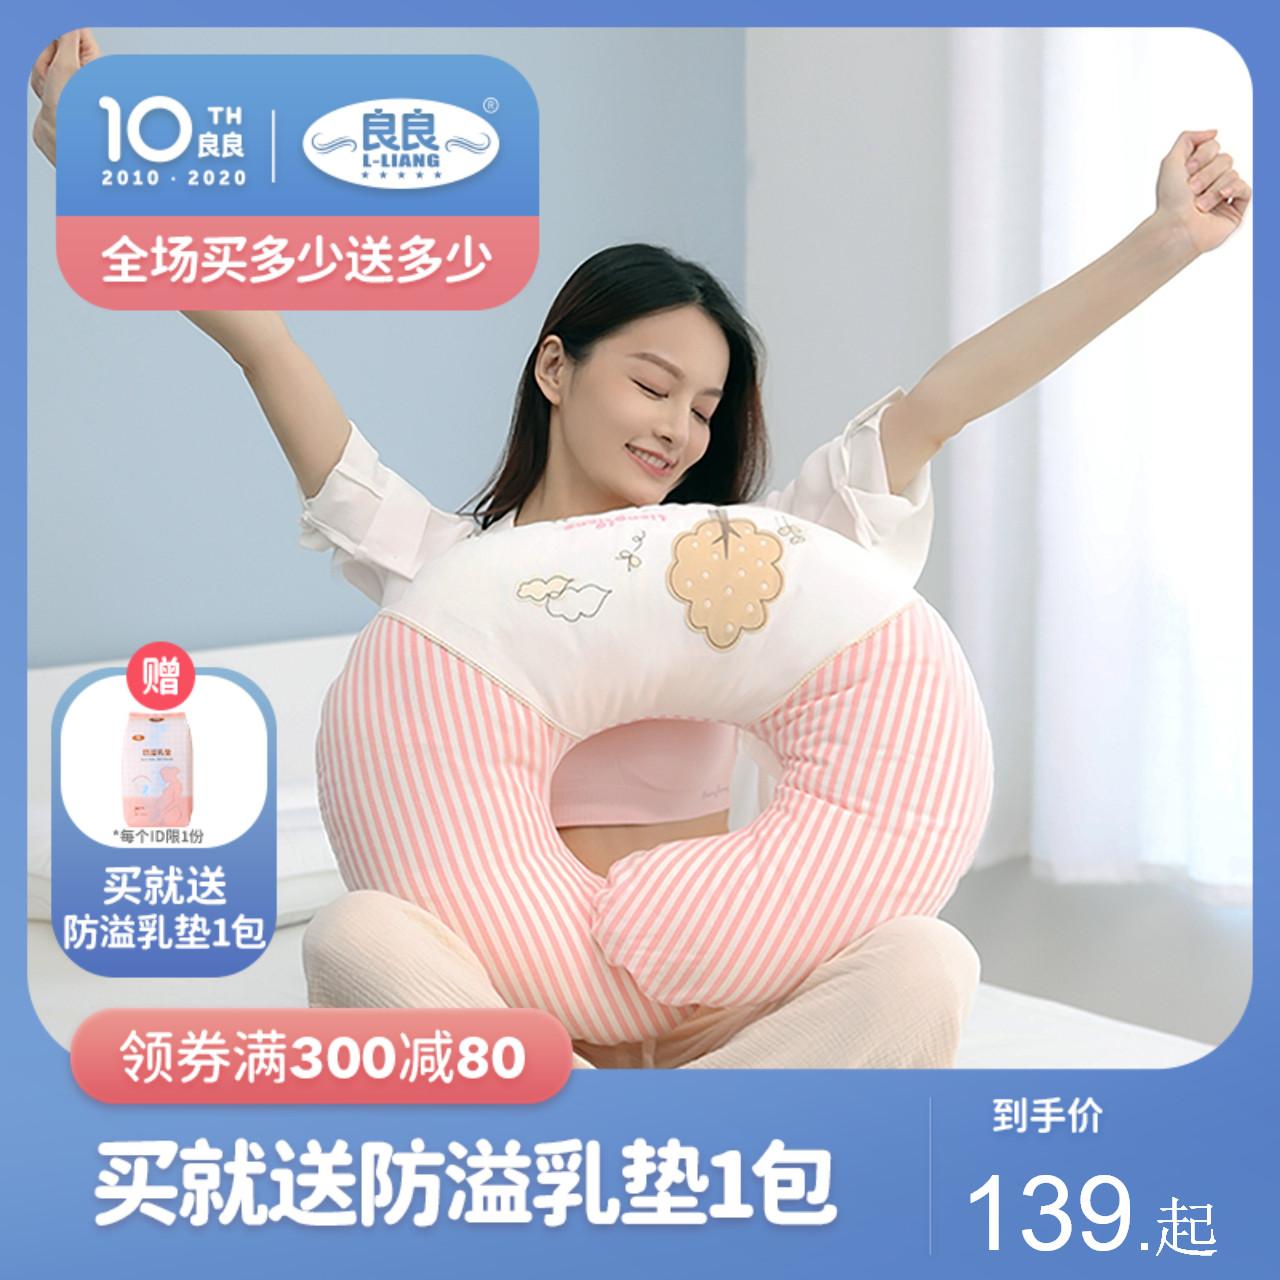 Подушки для грудного вскармливания Артикул 8676835181